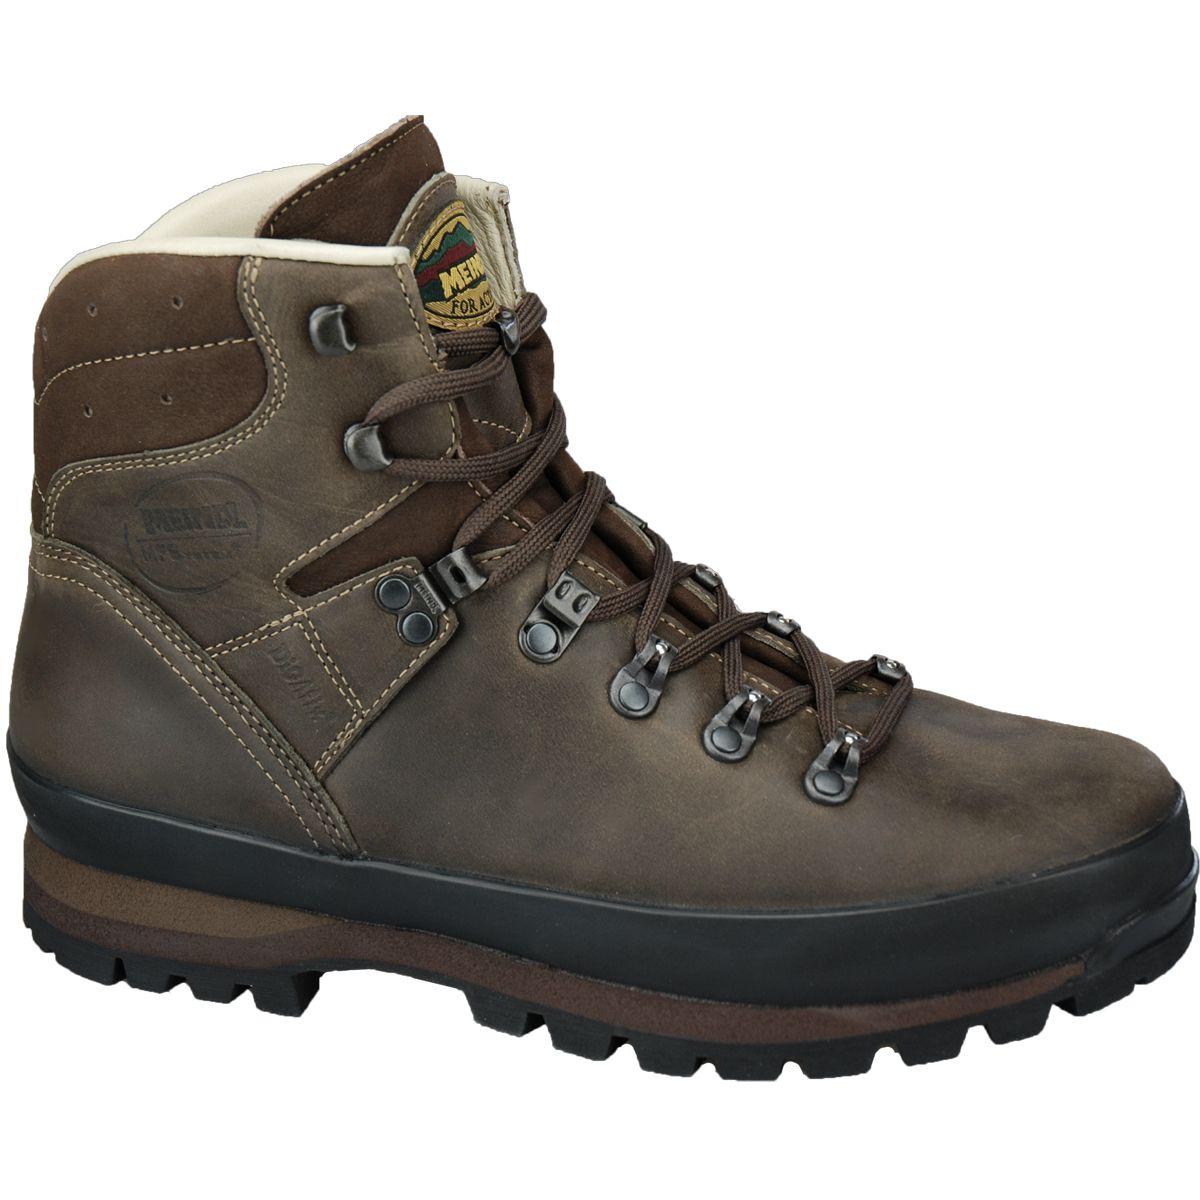 Meindl Borneo 2 MFS Schuhe braun UK13 kaufen im Bergzeit